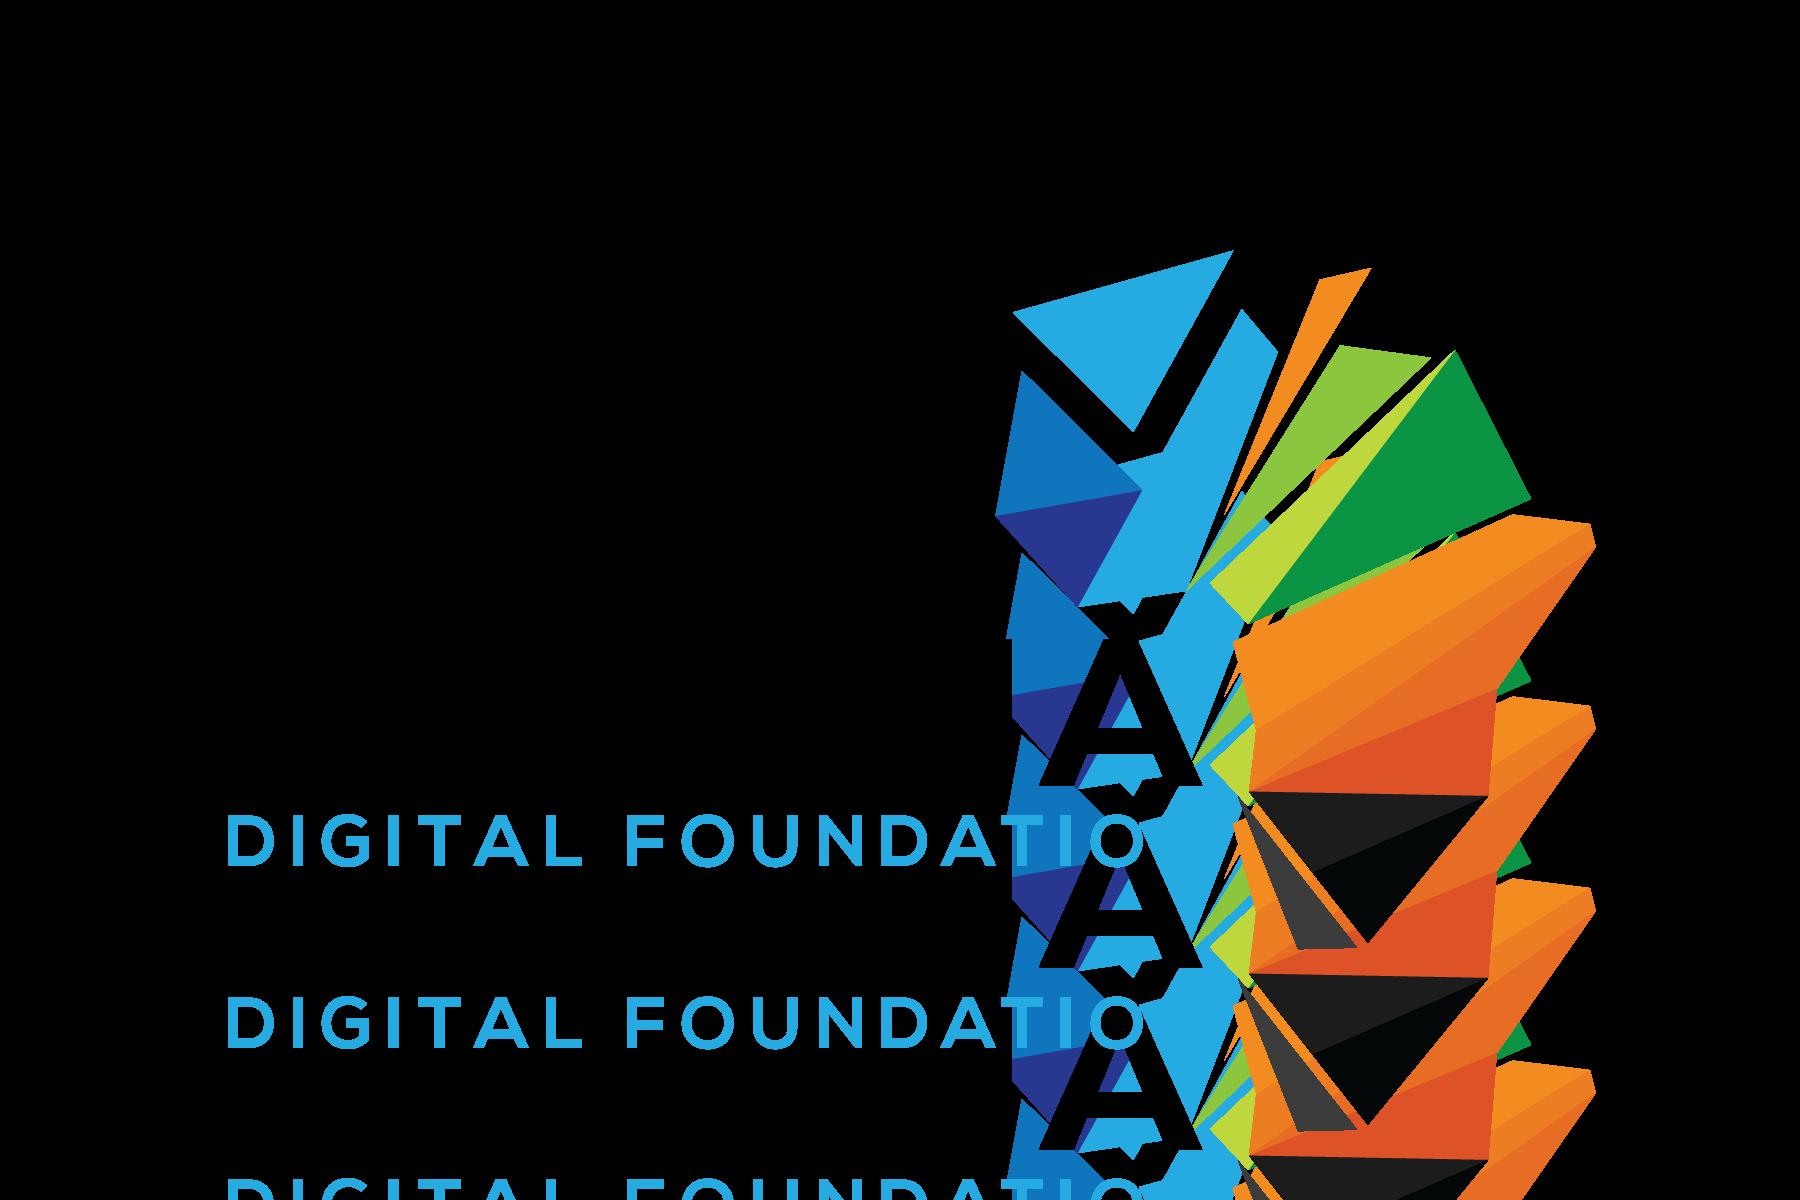 LE NUMERIQUE: Une analyse simplifiée de l'évolution généralisée et le résultat de la fracture numérique en Afrique